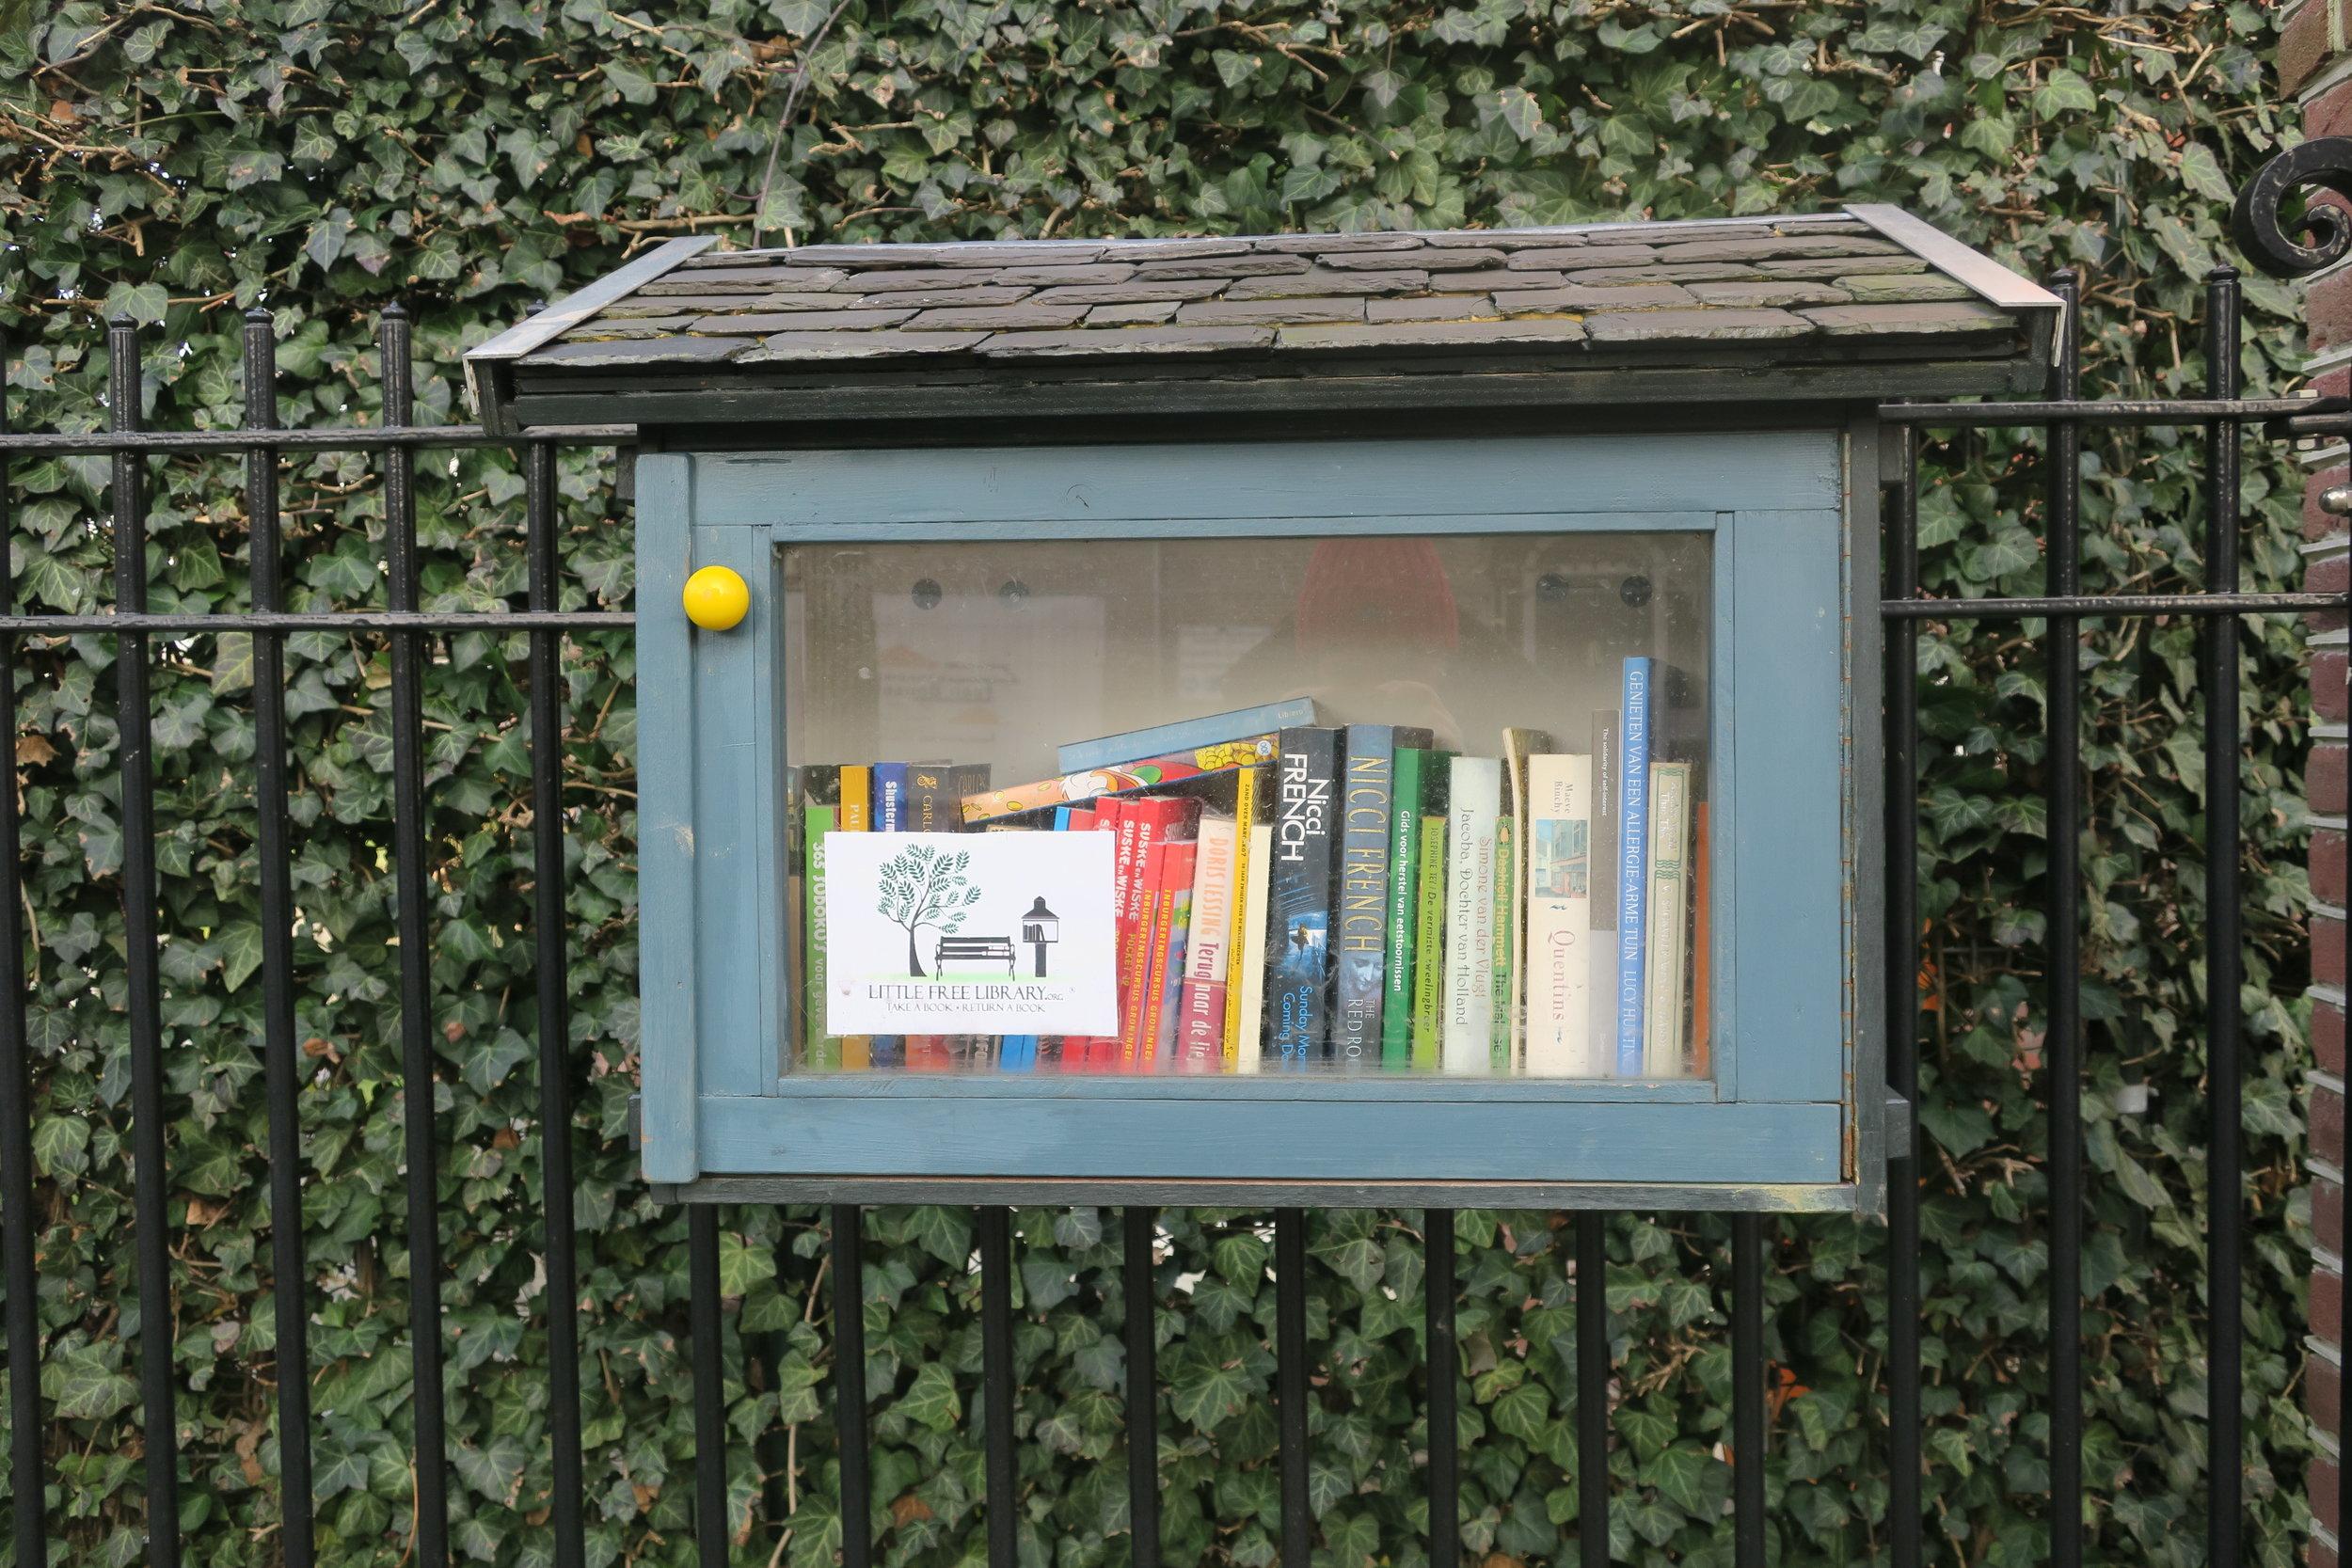 A casinha da Little Free Library em Oud Zuid, Amsterdam.